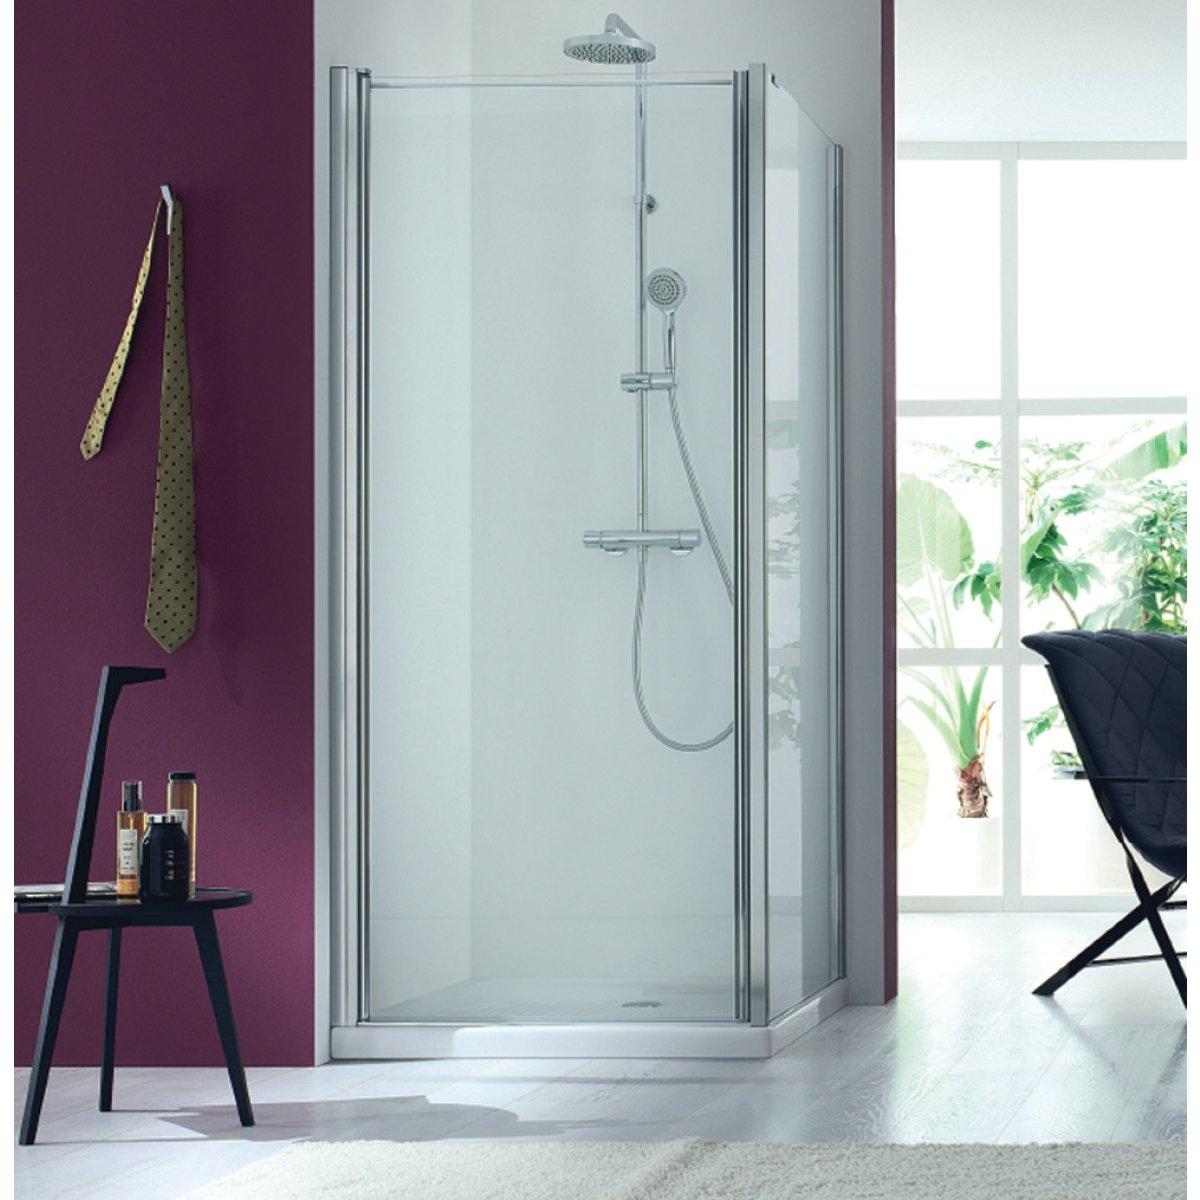 paroi de douche porte ouvrante largeur 97 101cm verre. Black Bedroom Furniture Sets. Home Design Ideas